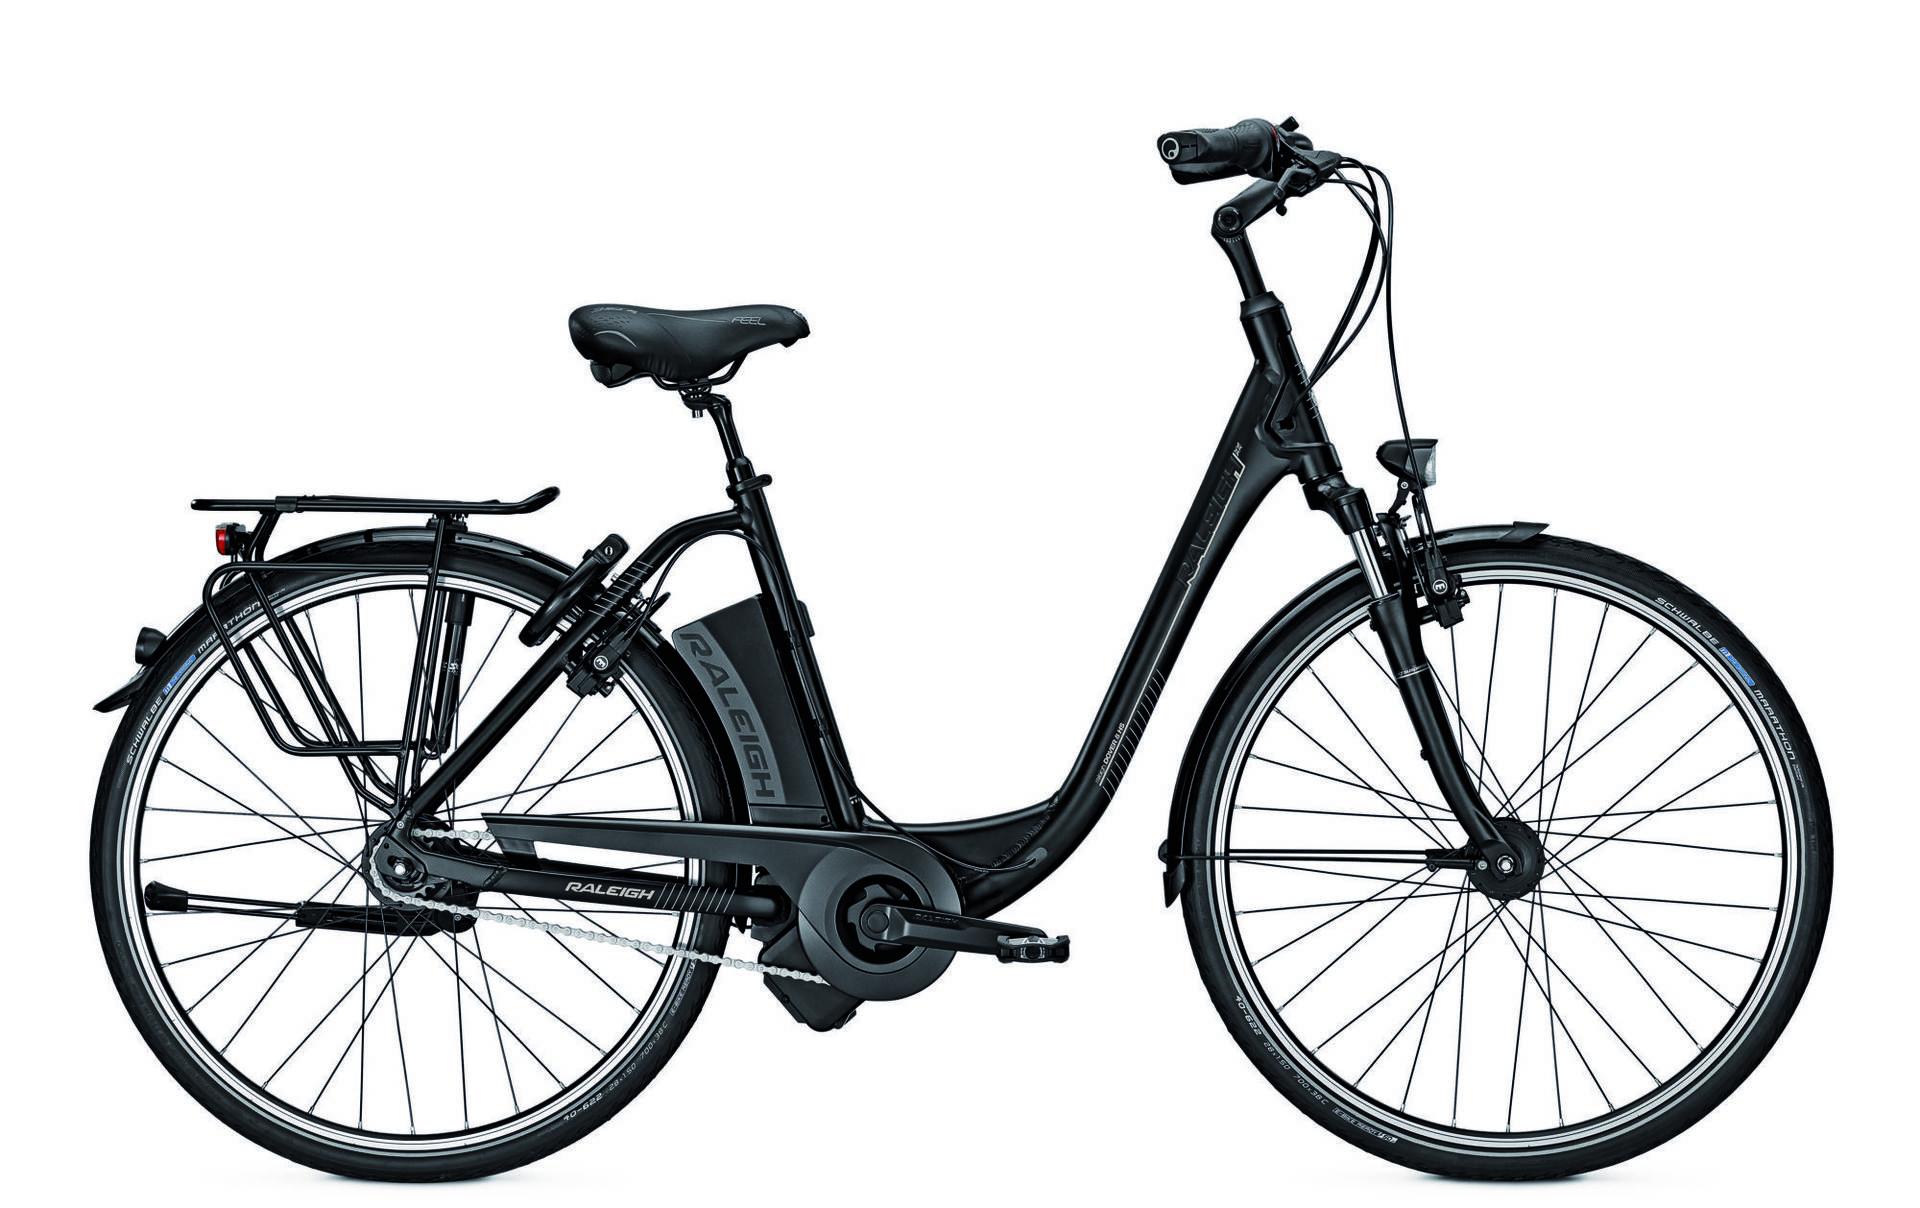 rebell bikes comfort. Black Bedroom Furniture Sets. Home Design Ideas